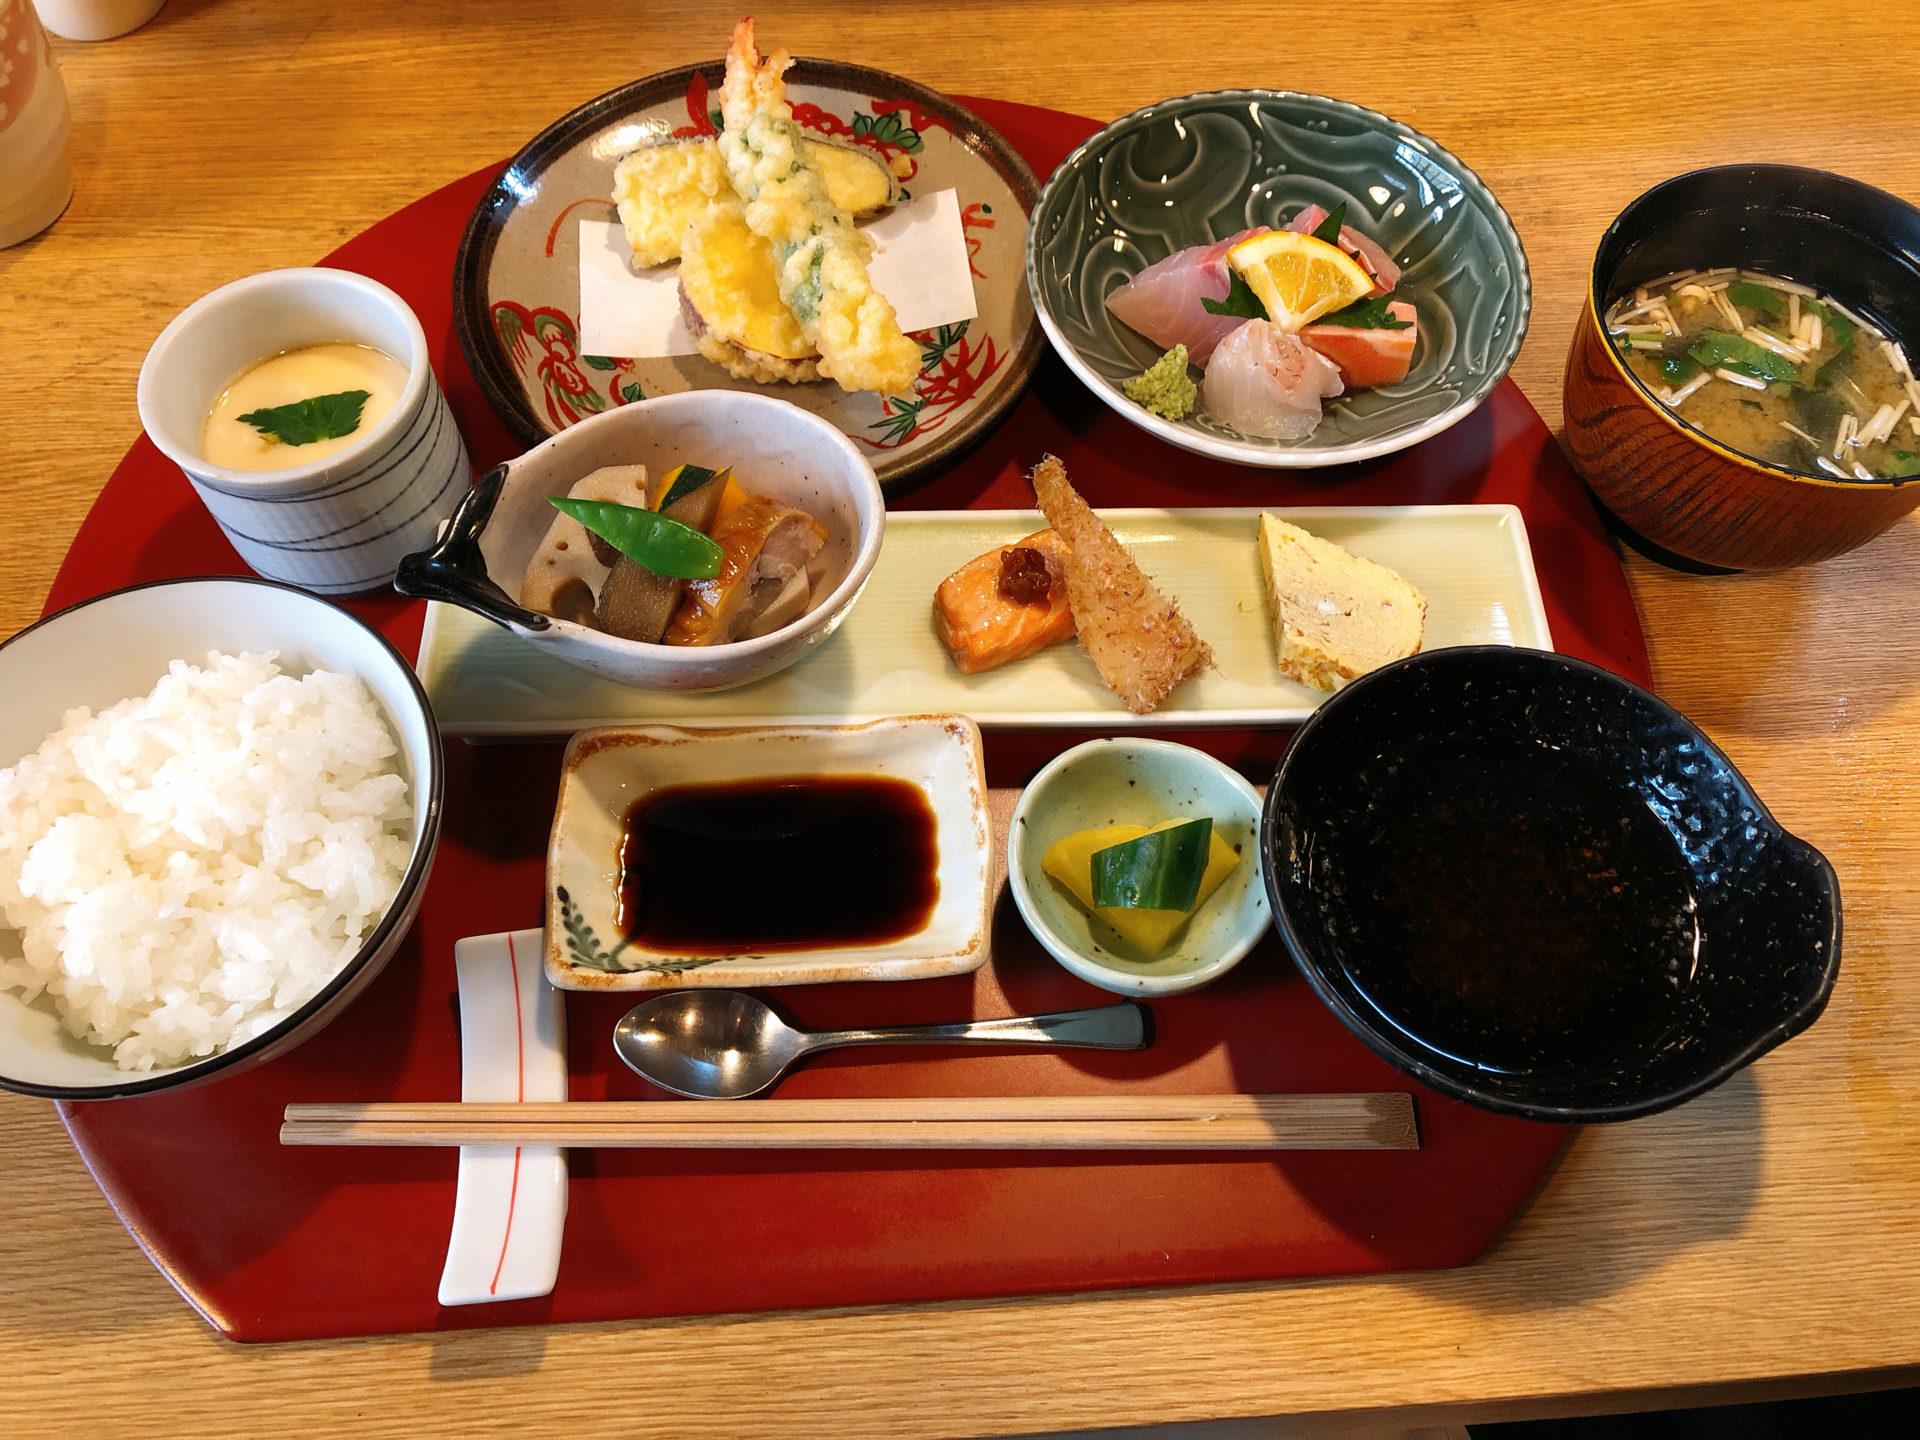 岡山市東区平島 和食の 味家山崎のサービス膳は、刺身に天ぷら、煮物に茶わん蒸し 全てに大満足!